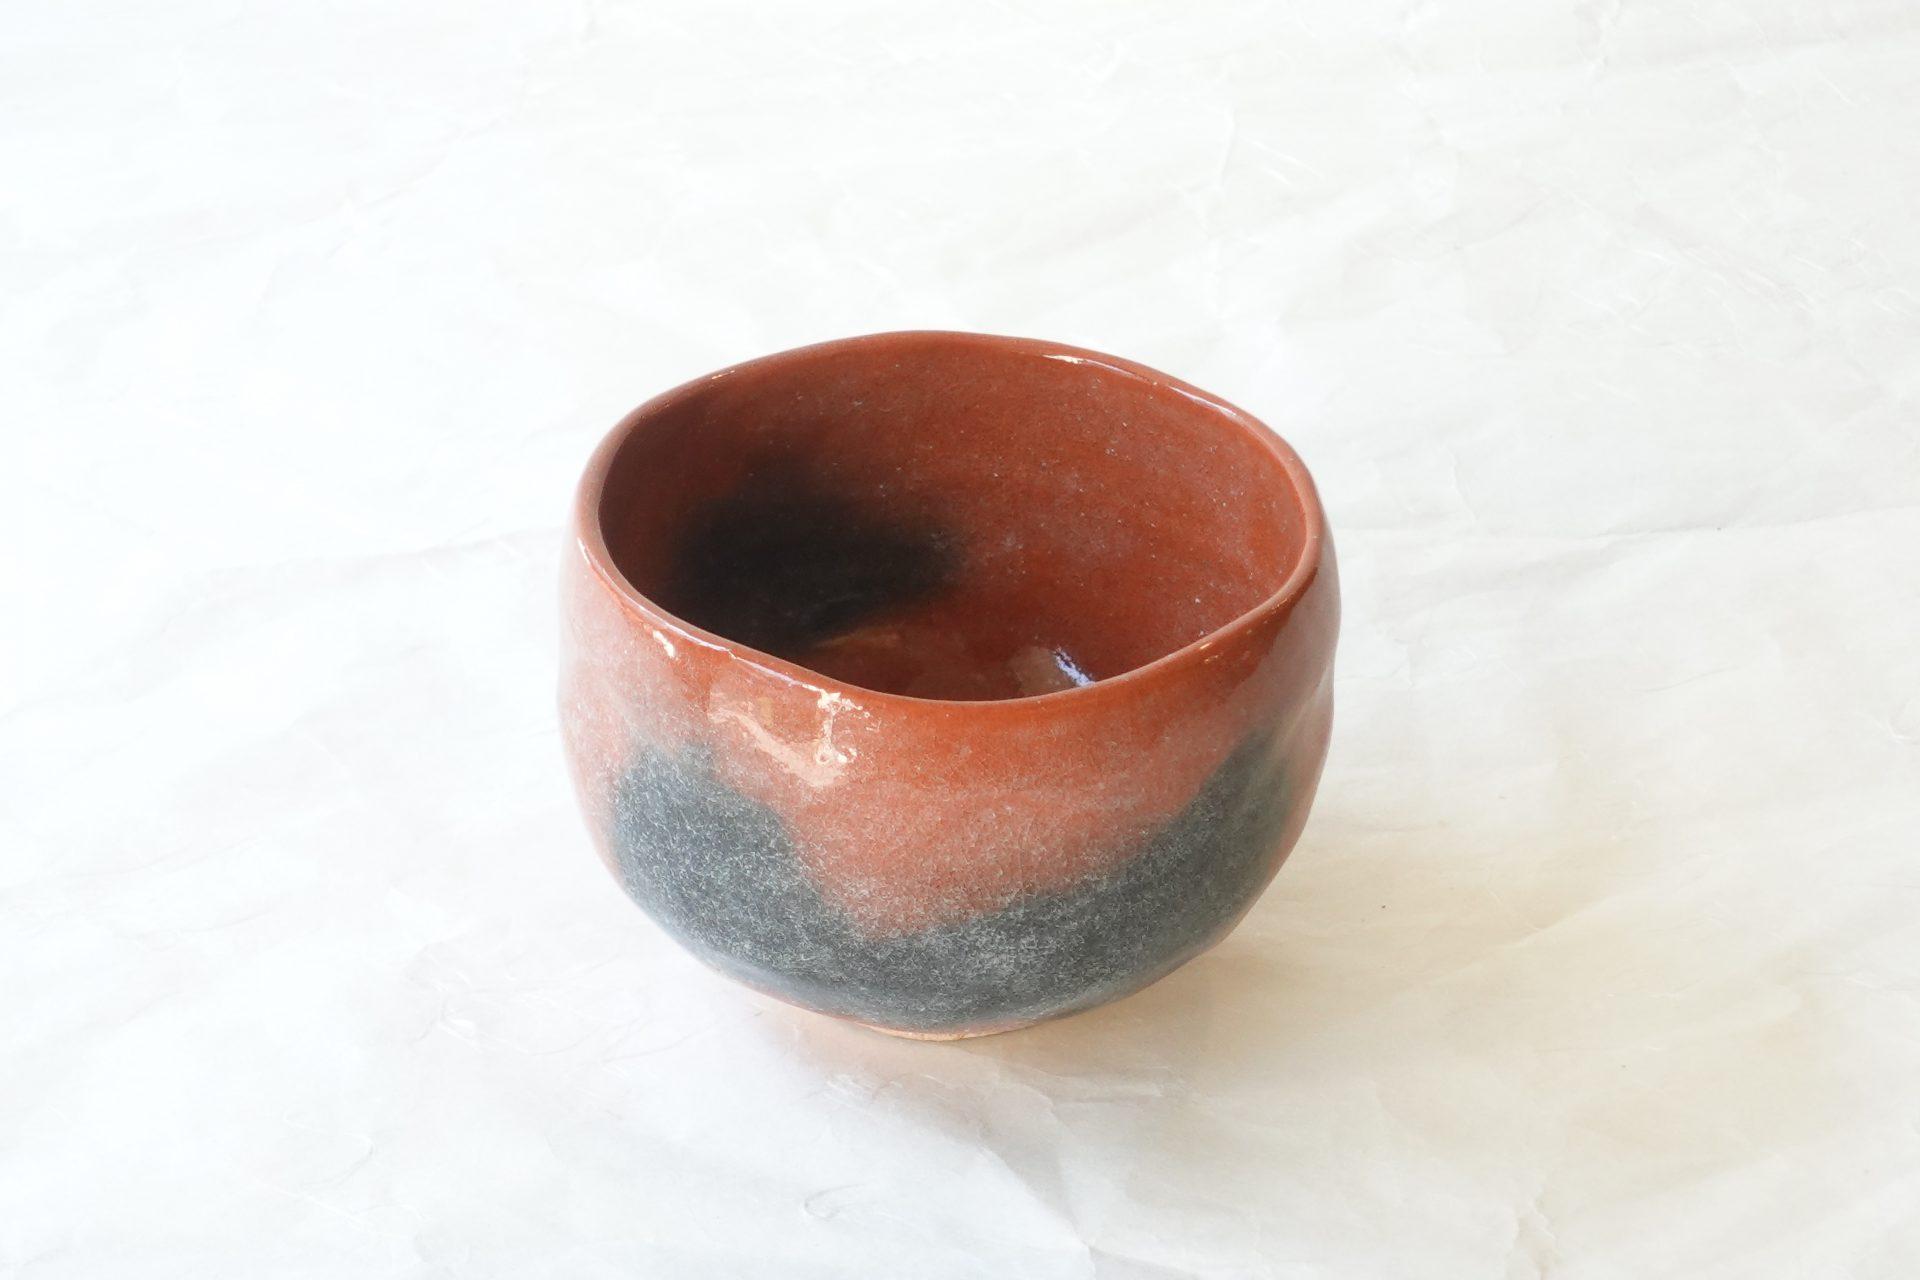 茶道具 茶の湯 茶道 園部玄哉 赤楽 抹茶碗 楽焼 茶道の精神に合致 温雅静寂の趣き 丸い形 やさしい印象 やや大きめ 薄手 軽い 削ぎ しっくり 手に馴染む 透明な釉薬 貫入 独自の作り方